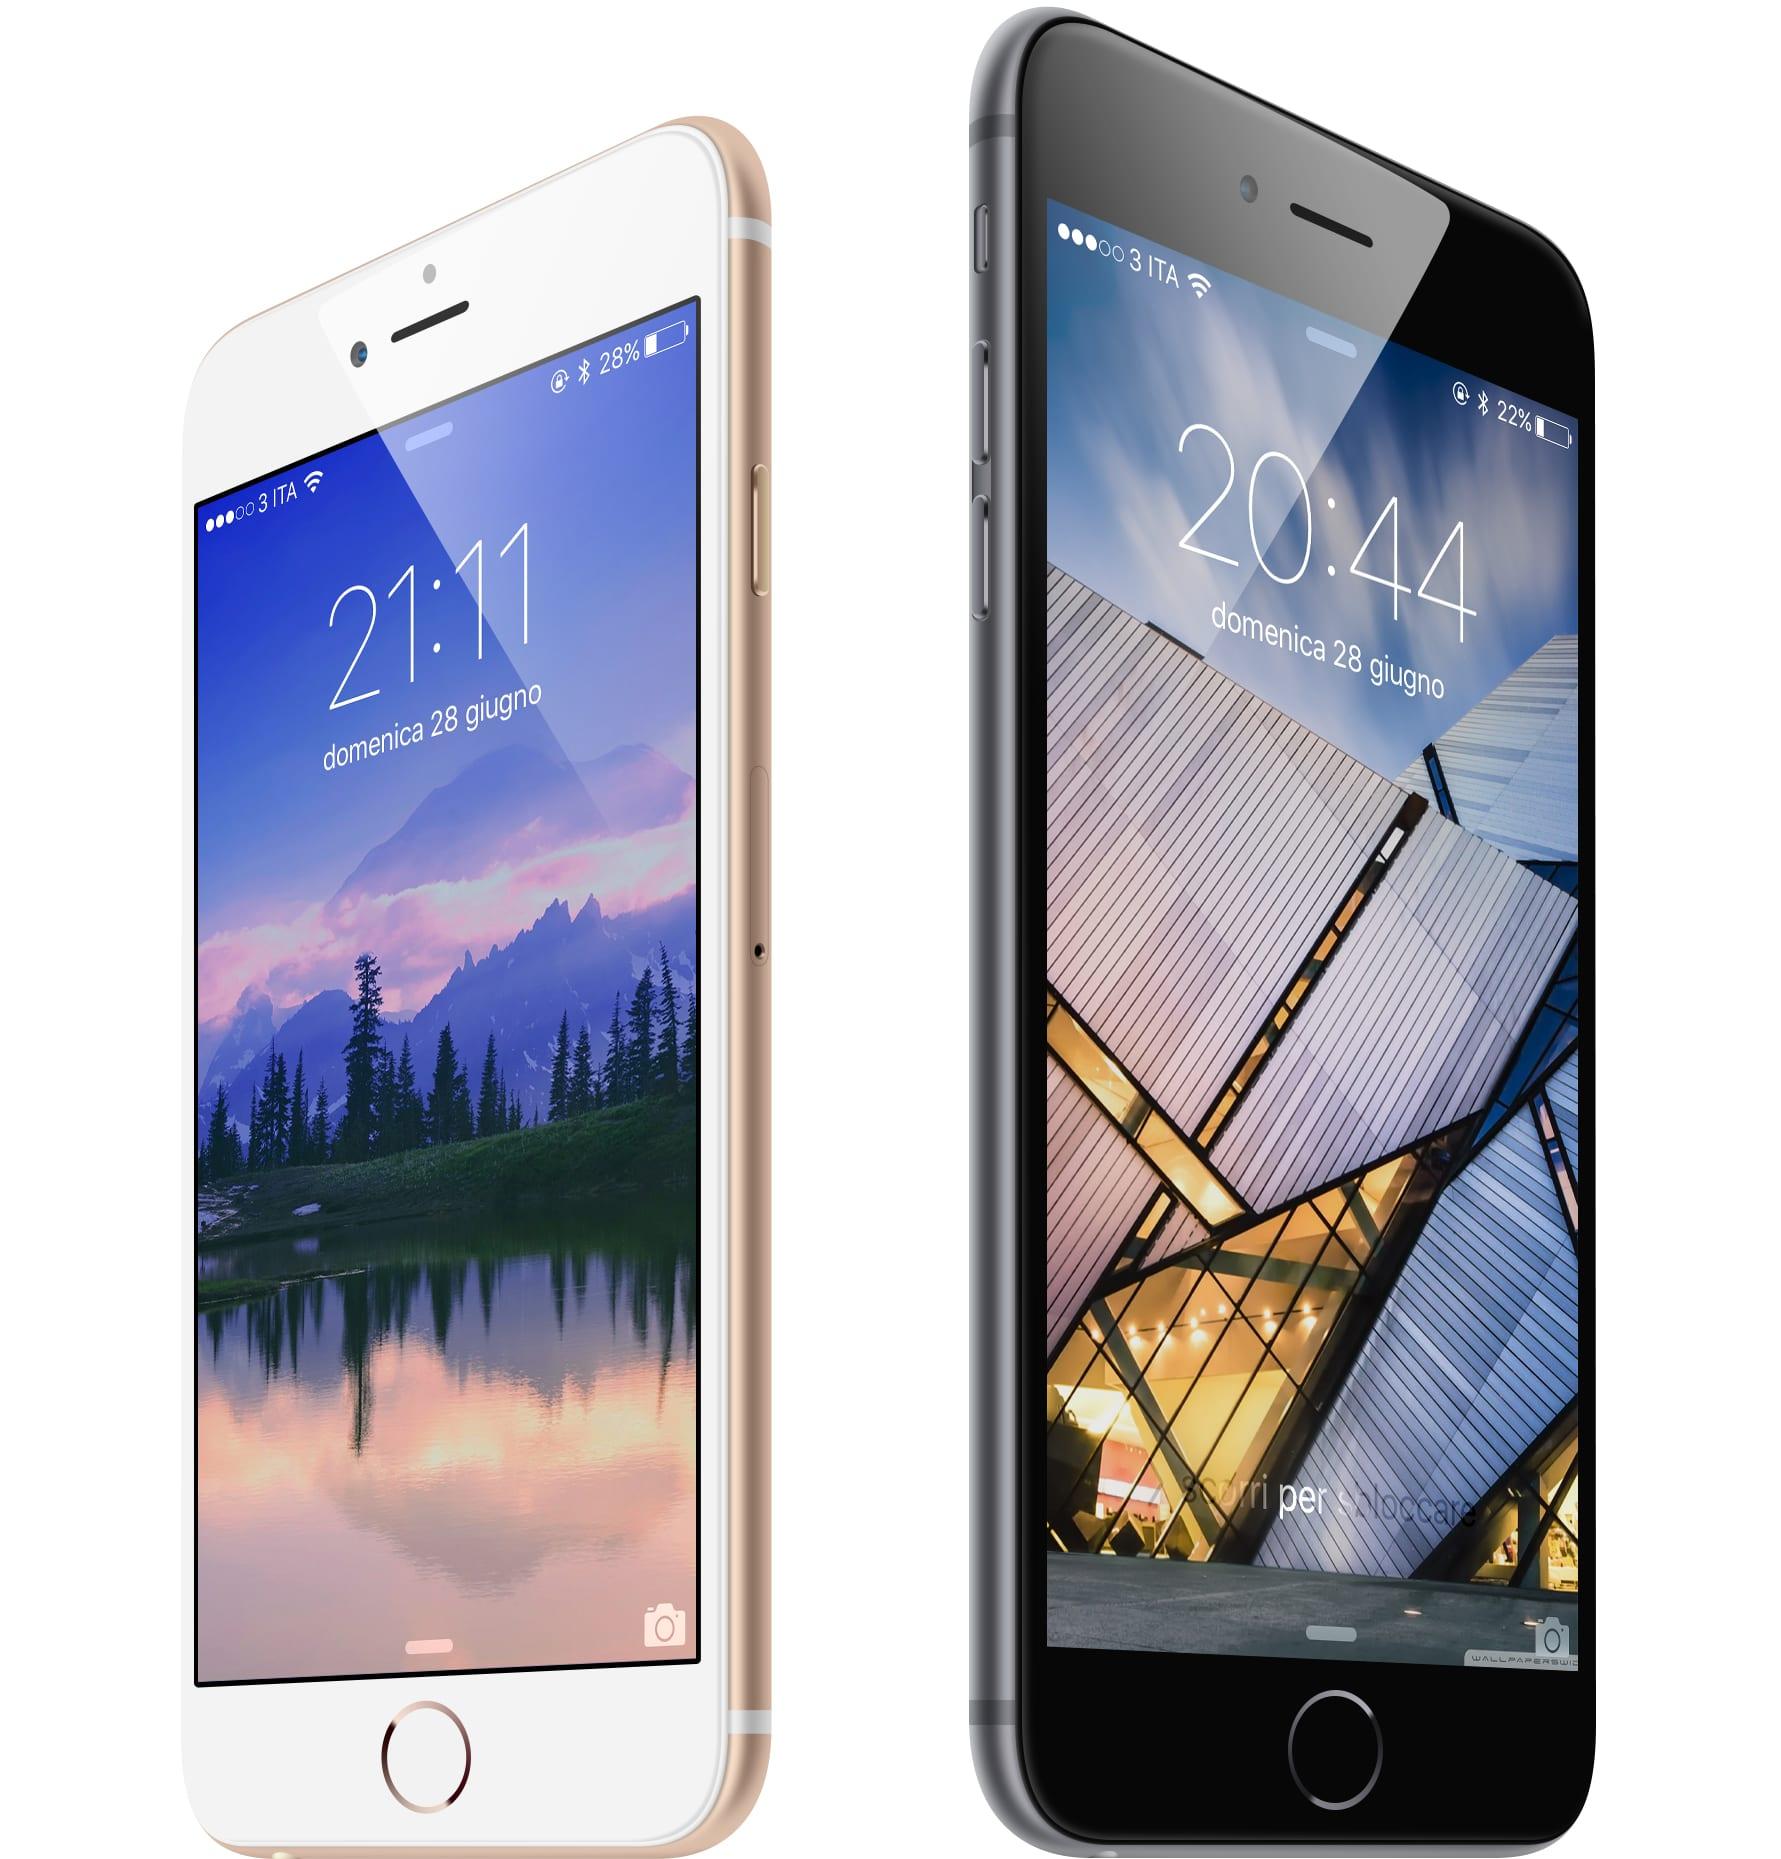 #WallpaperSelection #81: Scarica Gratis i nuovi Sfondi di iSpazio per il tuo iPhone, iPad e da oggi anche Apple Watch!